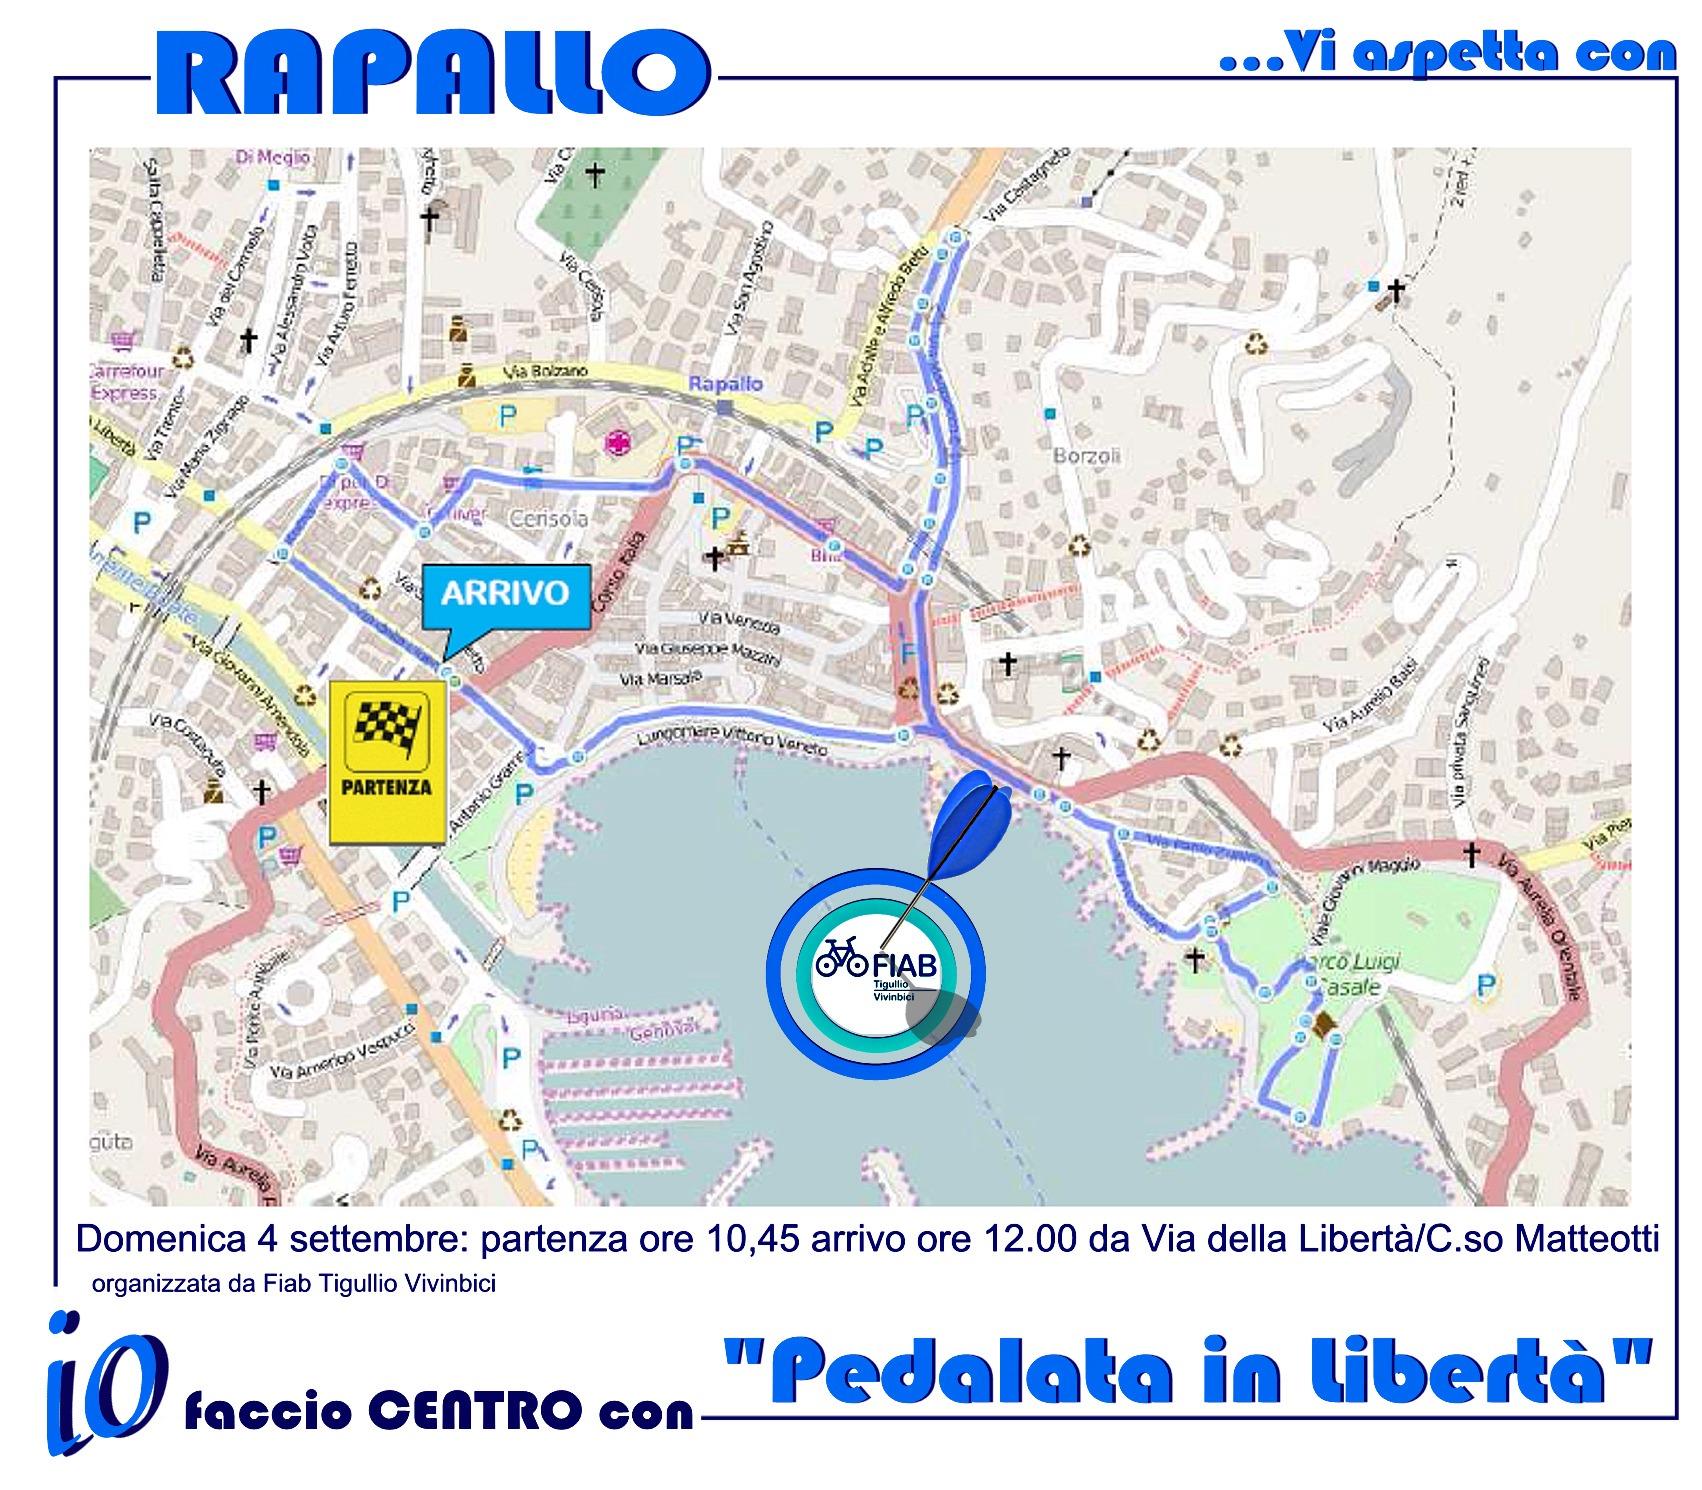 pedalata_percorso_rapallo2016 NUOVA